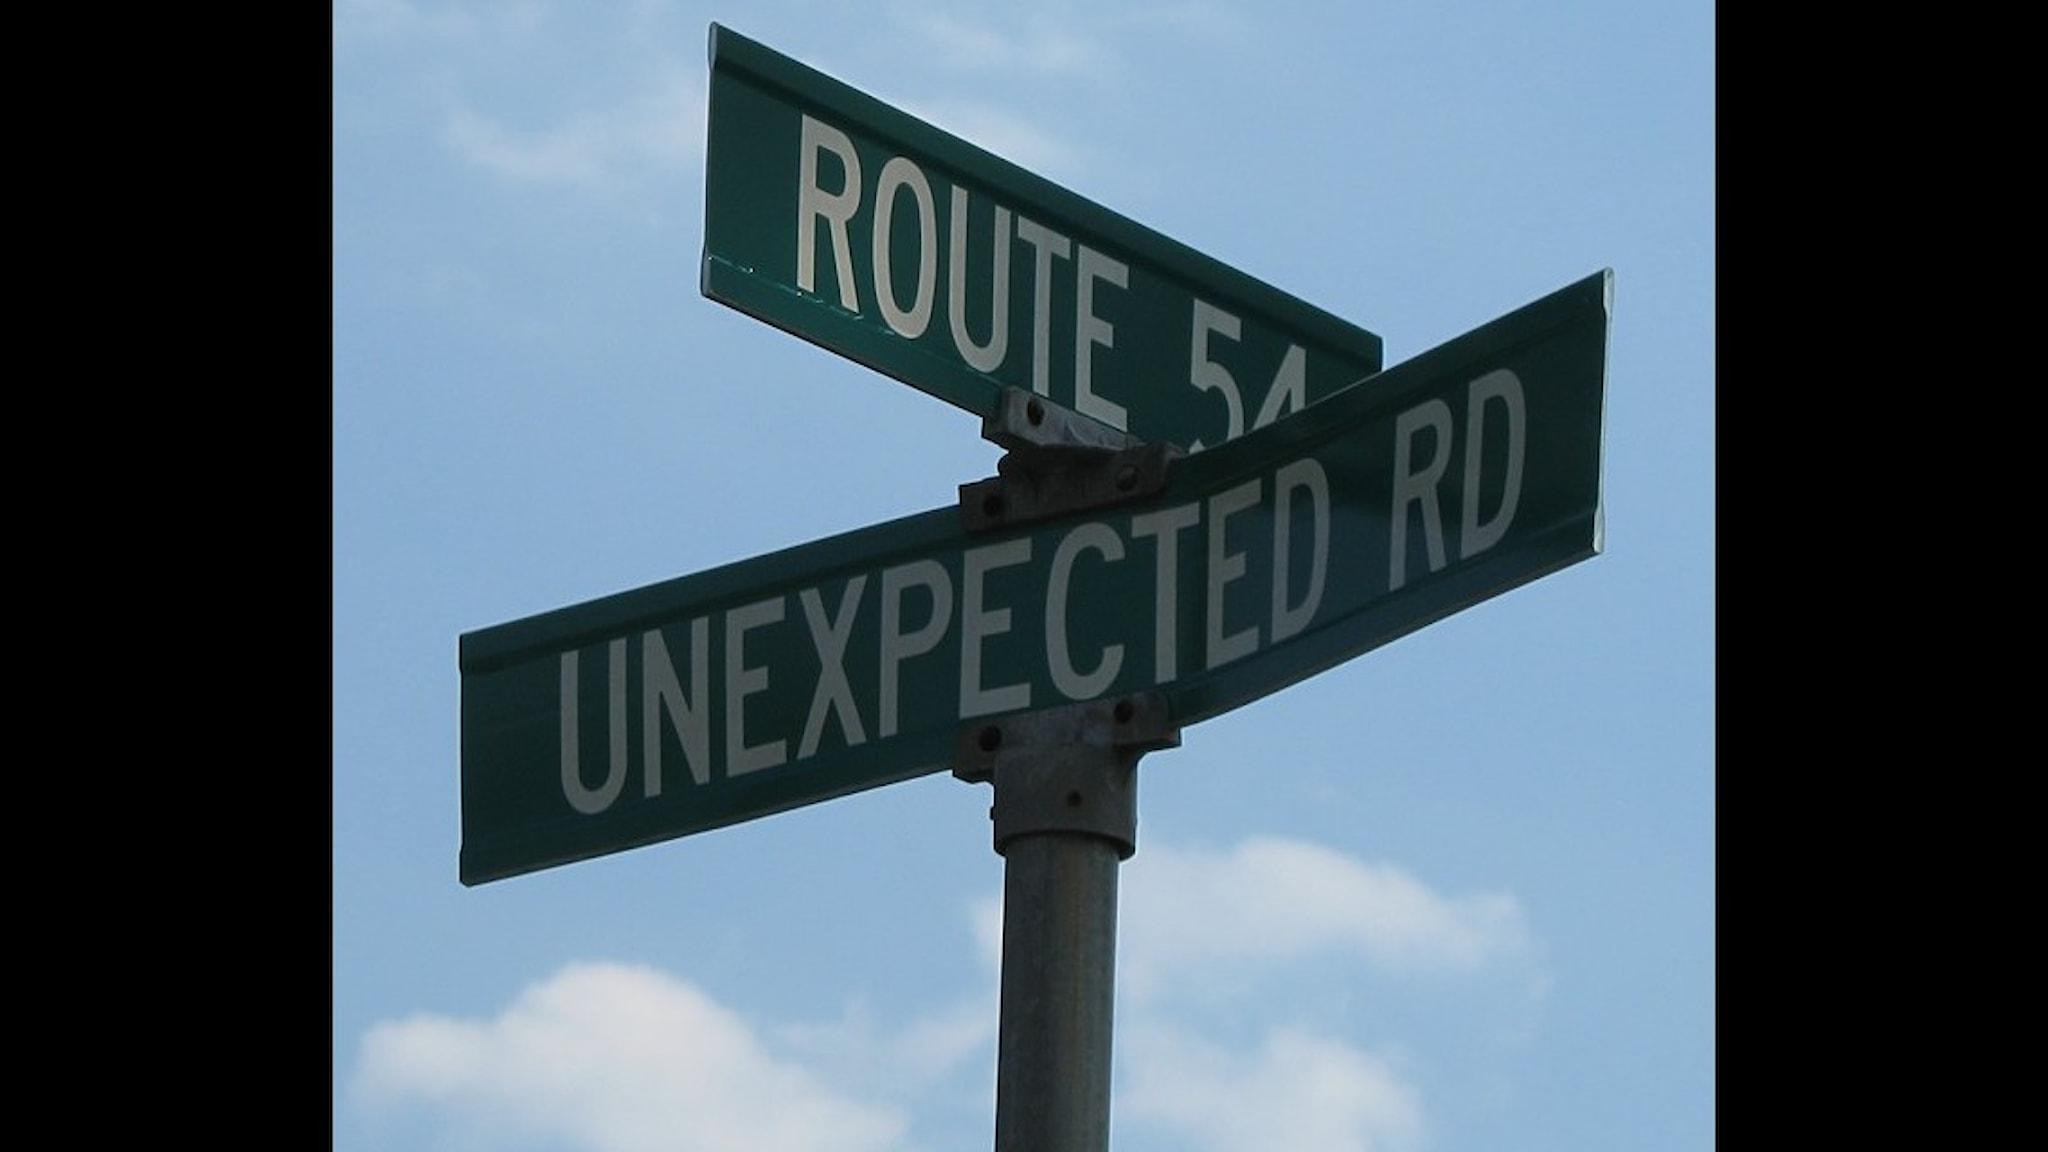 Bild på två gatuskyltar där en har namnet Unexpetcted road.